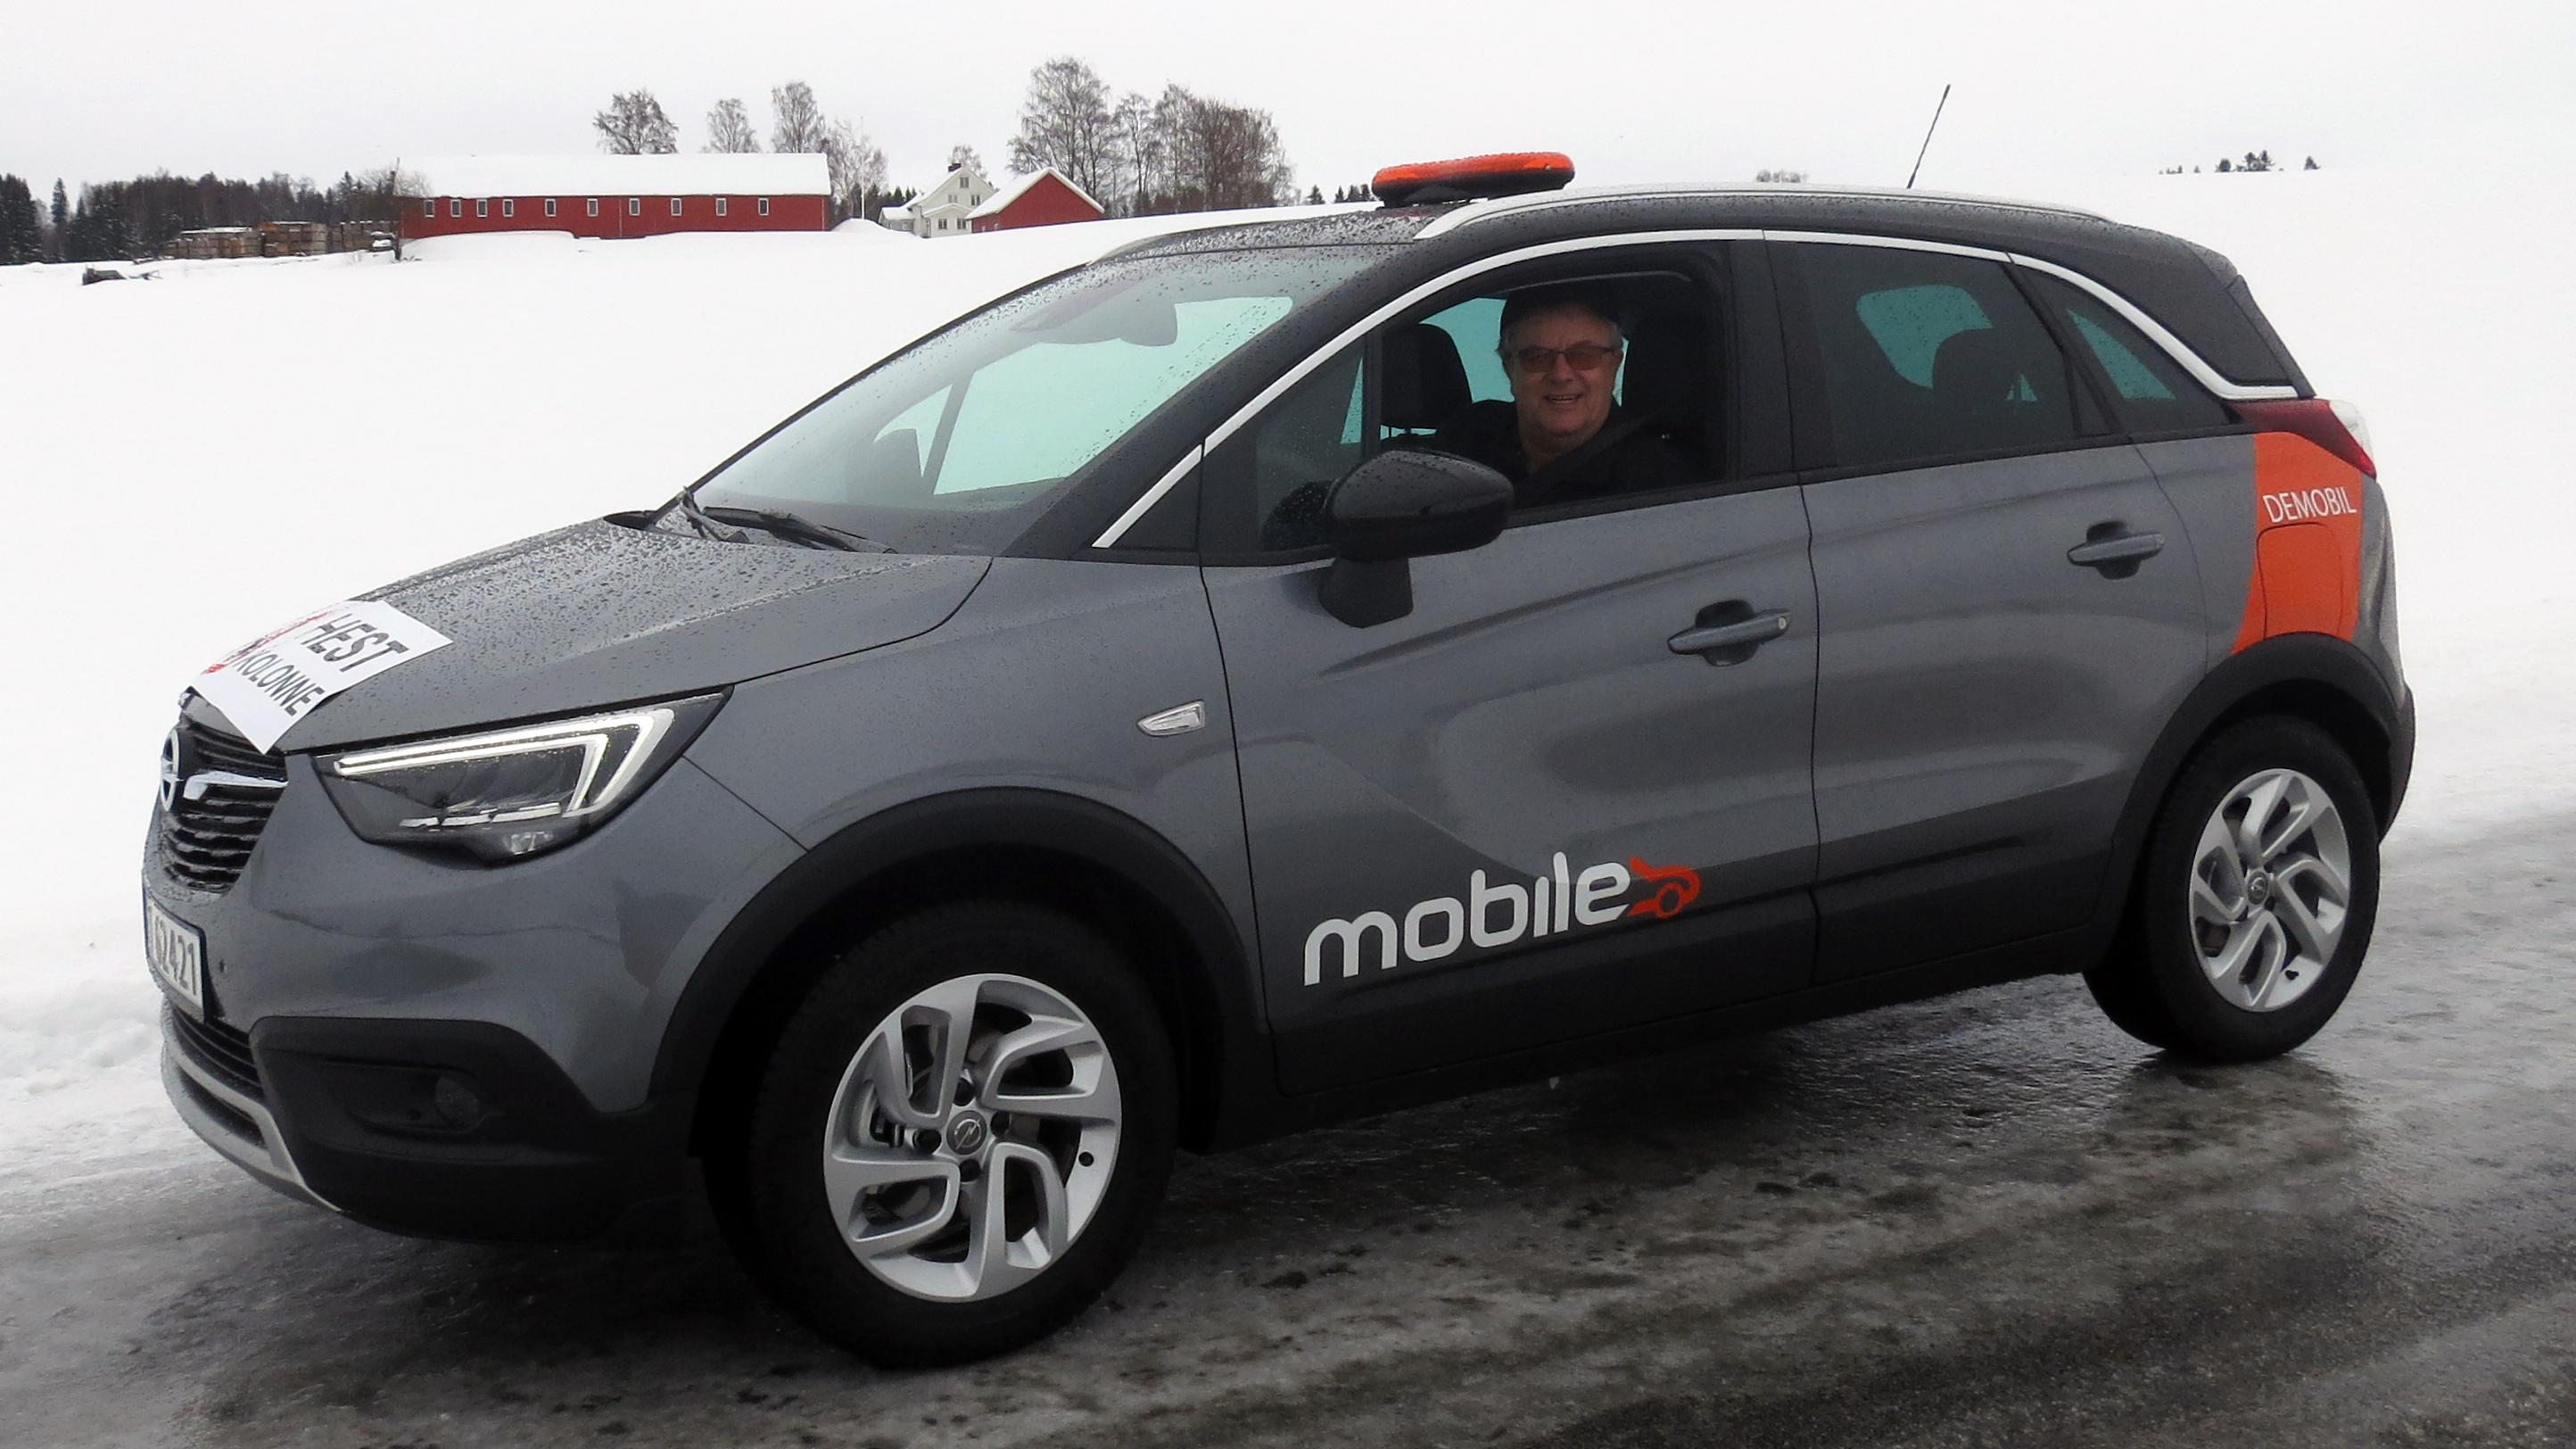 Mobile Storhamar – sørje før trafikksikkerheten, og DÆ æ viktig